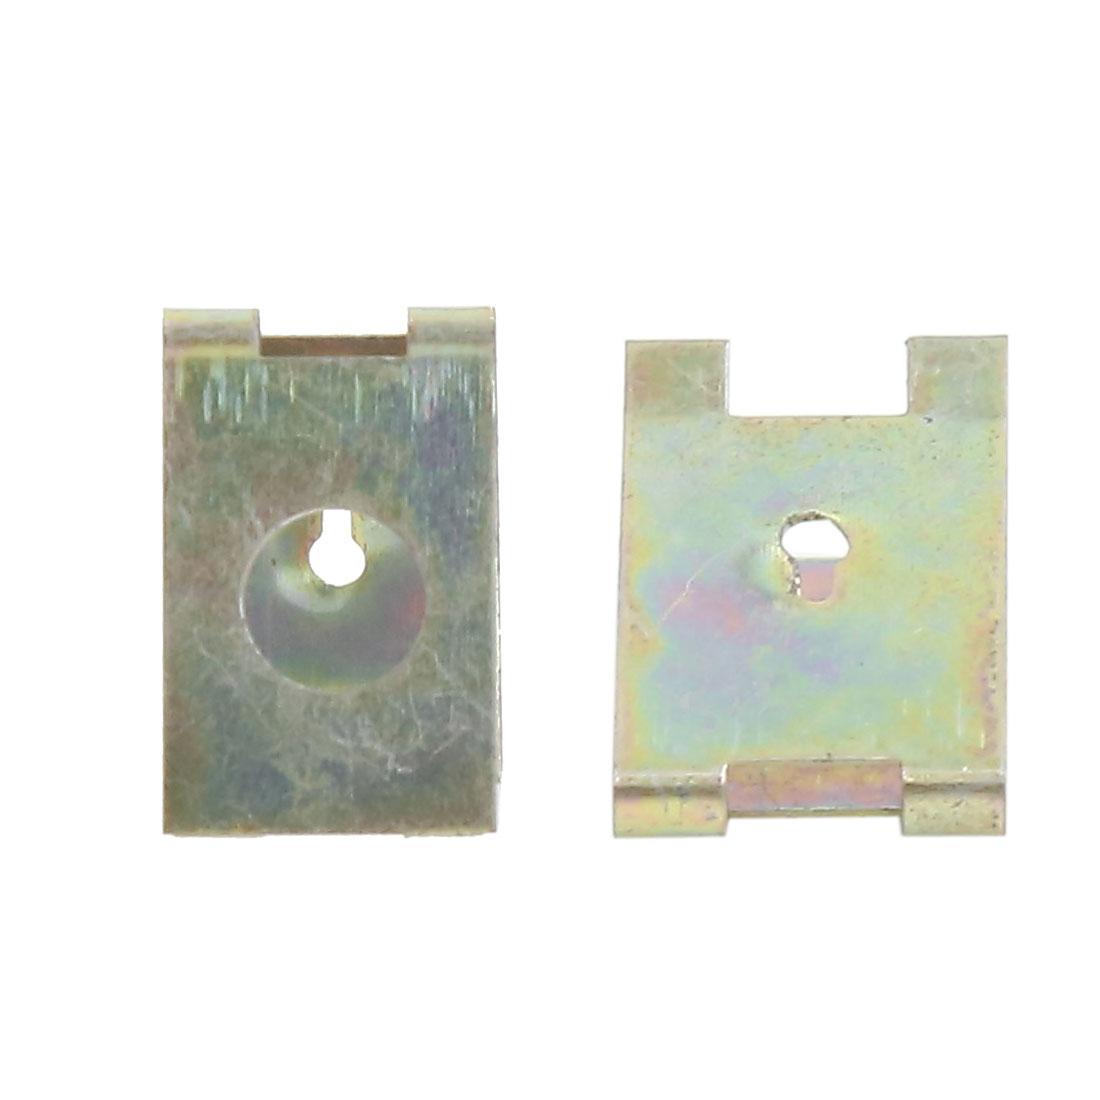 40pcs 6mm Bronze Tone Spring Metal Car Door Pannel Spire Screw U-Type Clips